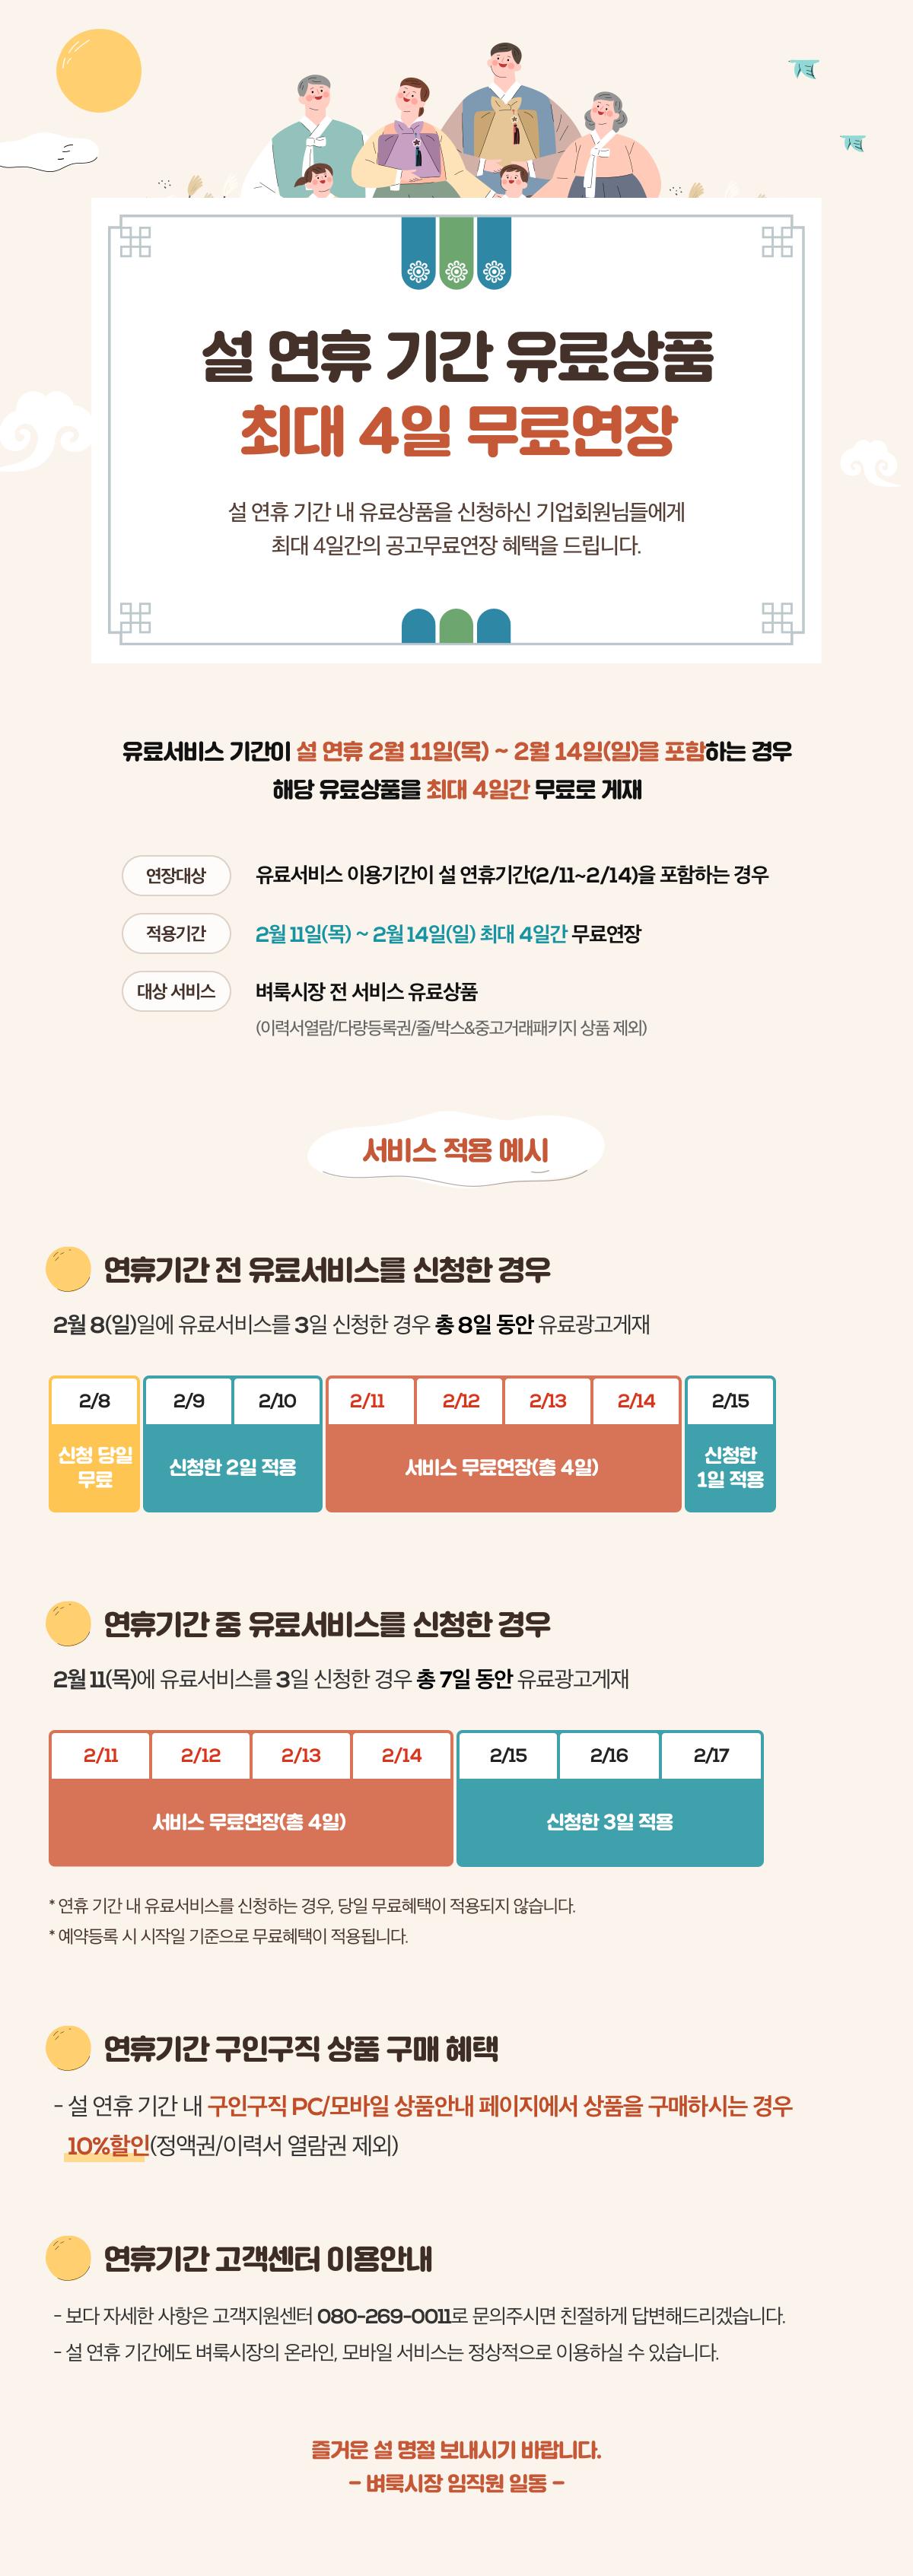 설 연휴 기간 유료상품 최대 4일 무료연장